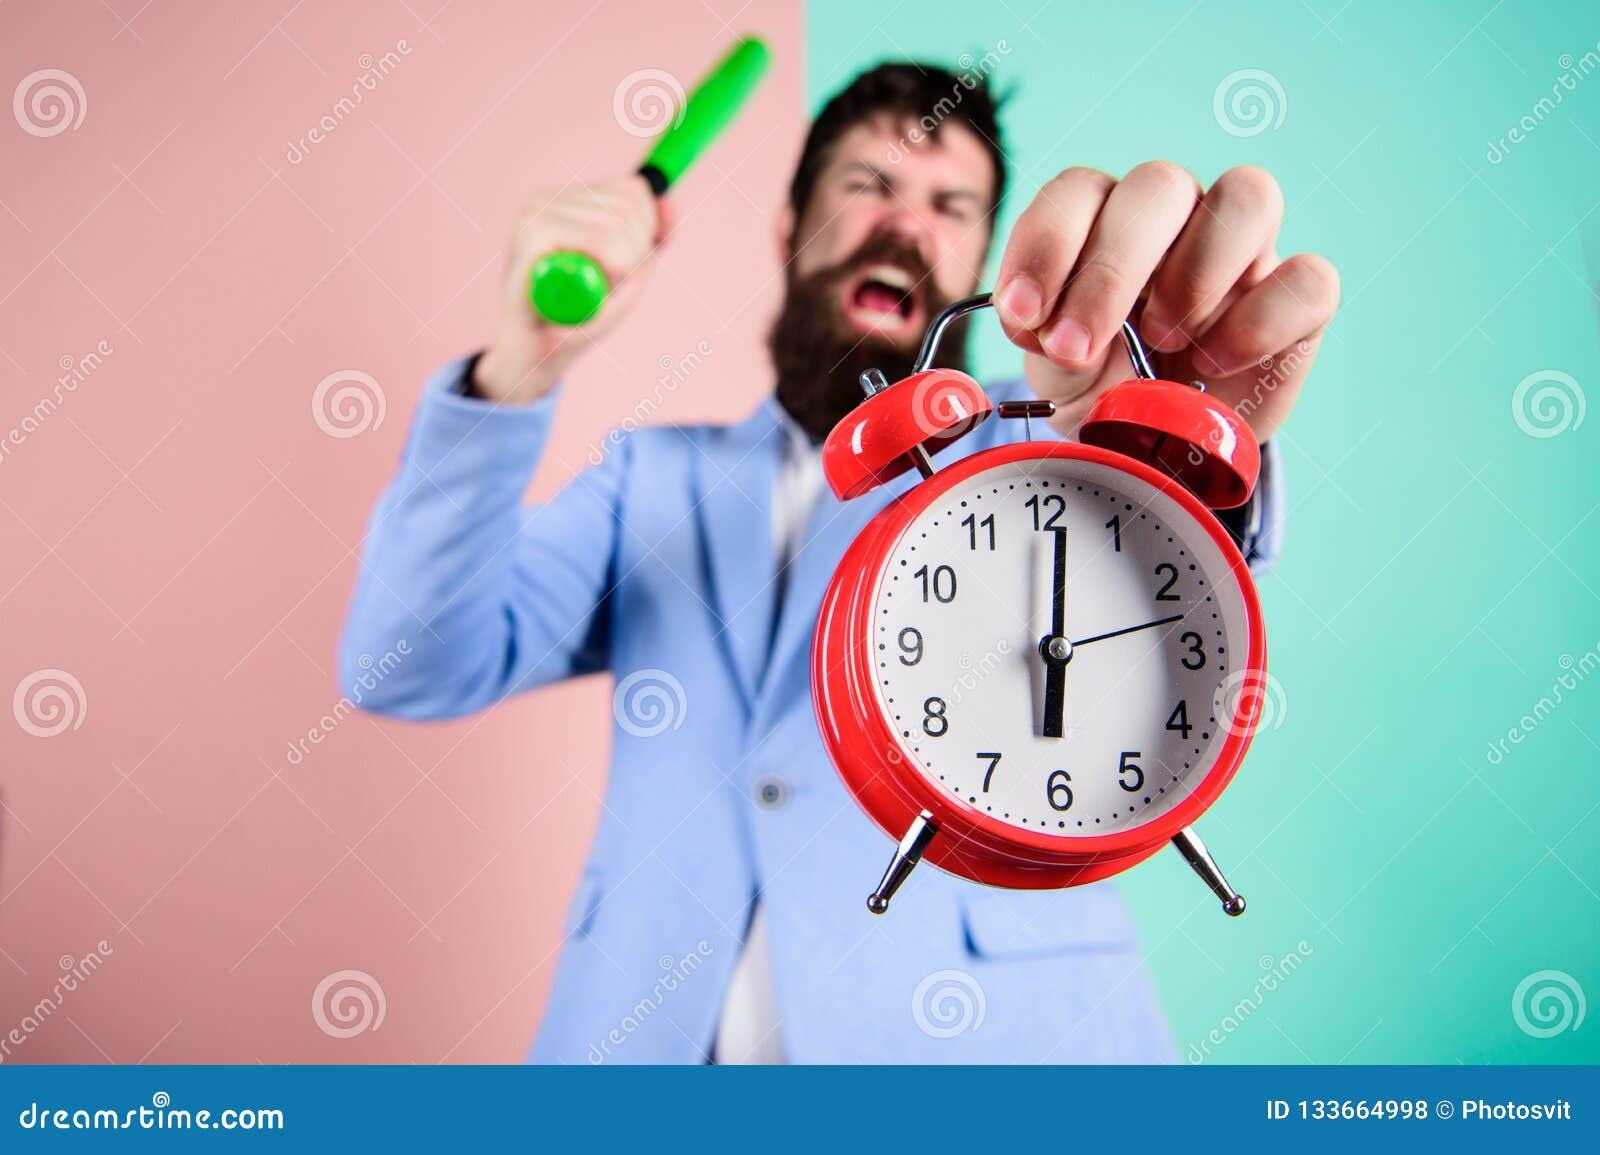 Контроль времени и дисциплина Дисциплина и санкции Будильник владением стороны босса агрессивный Разрушьте или поверните